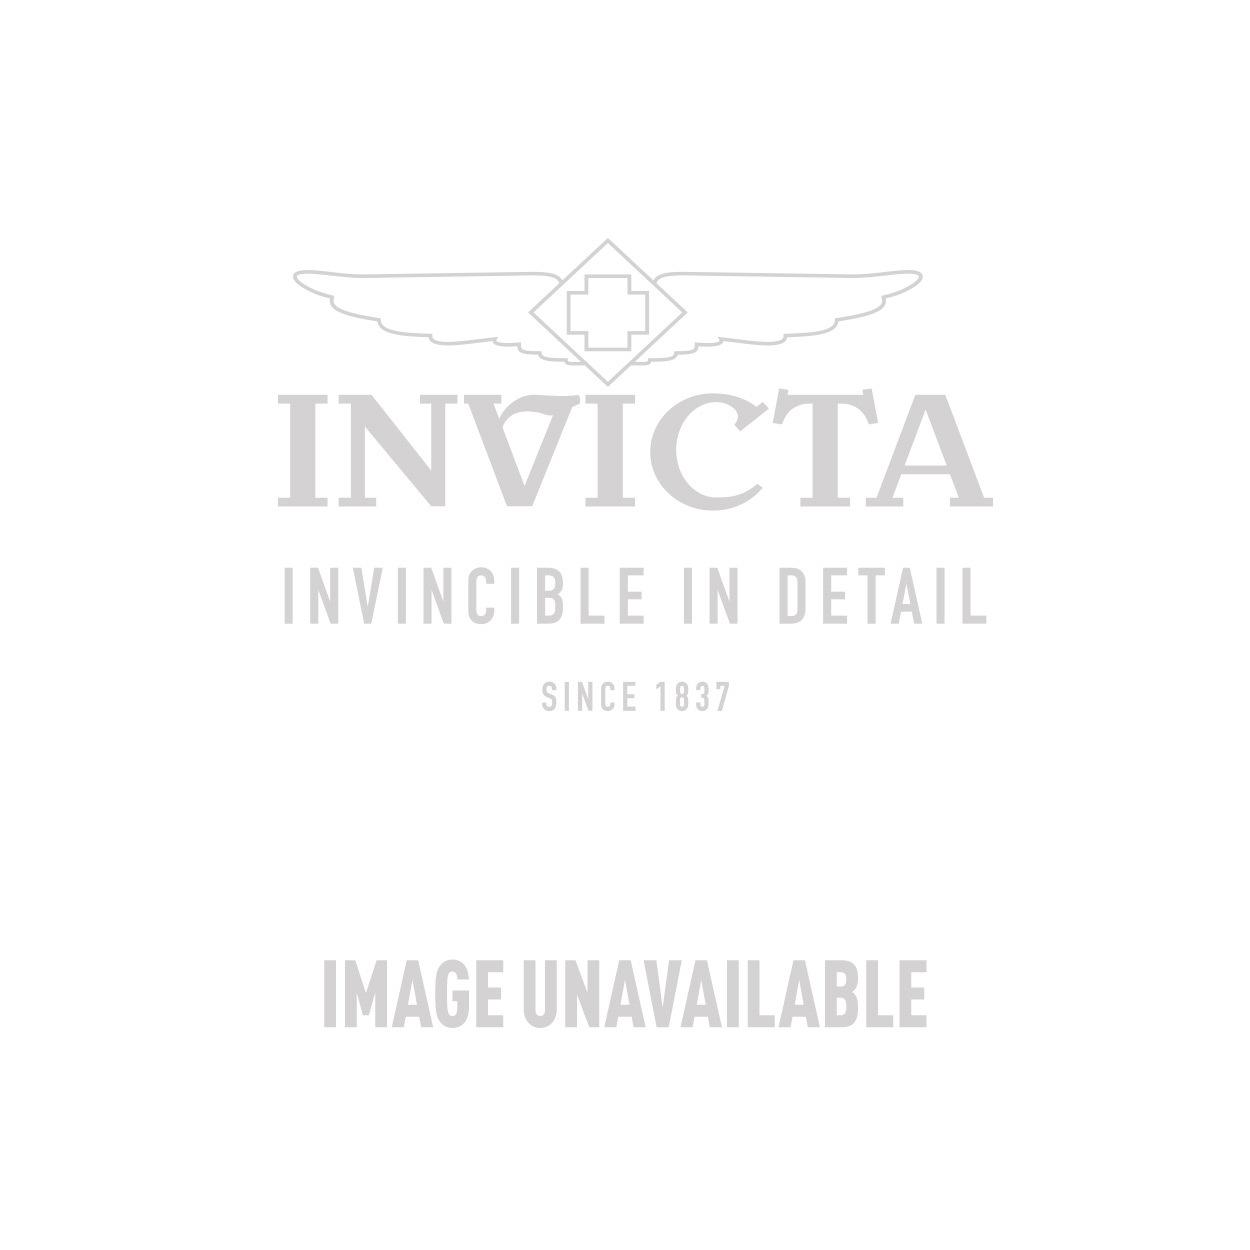 Invicta Model 23408